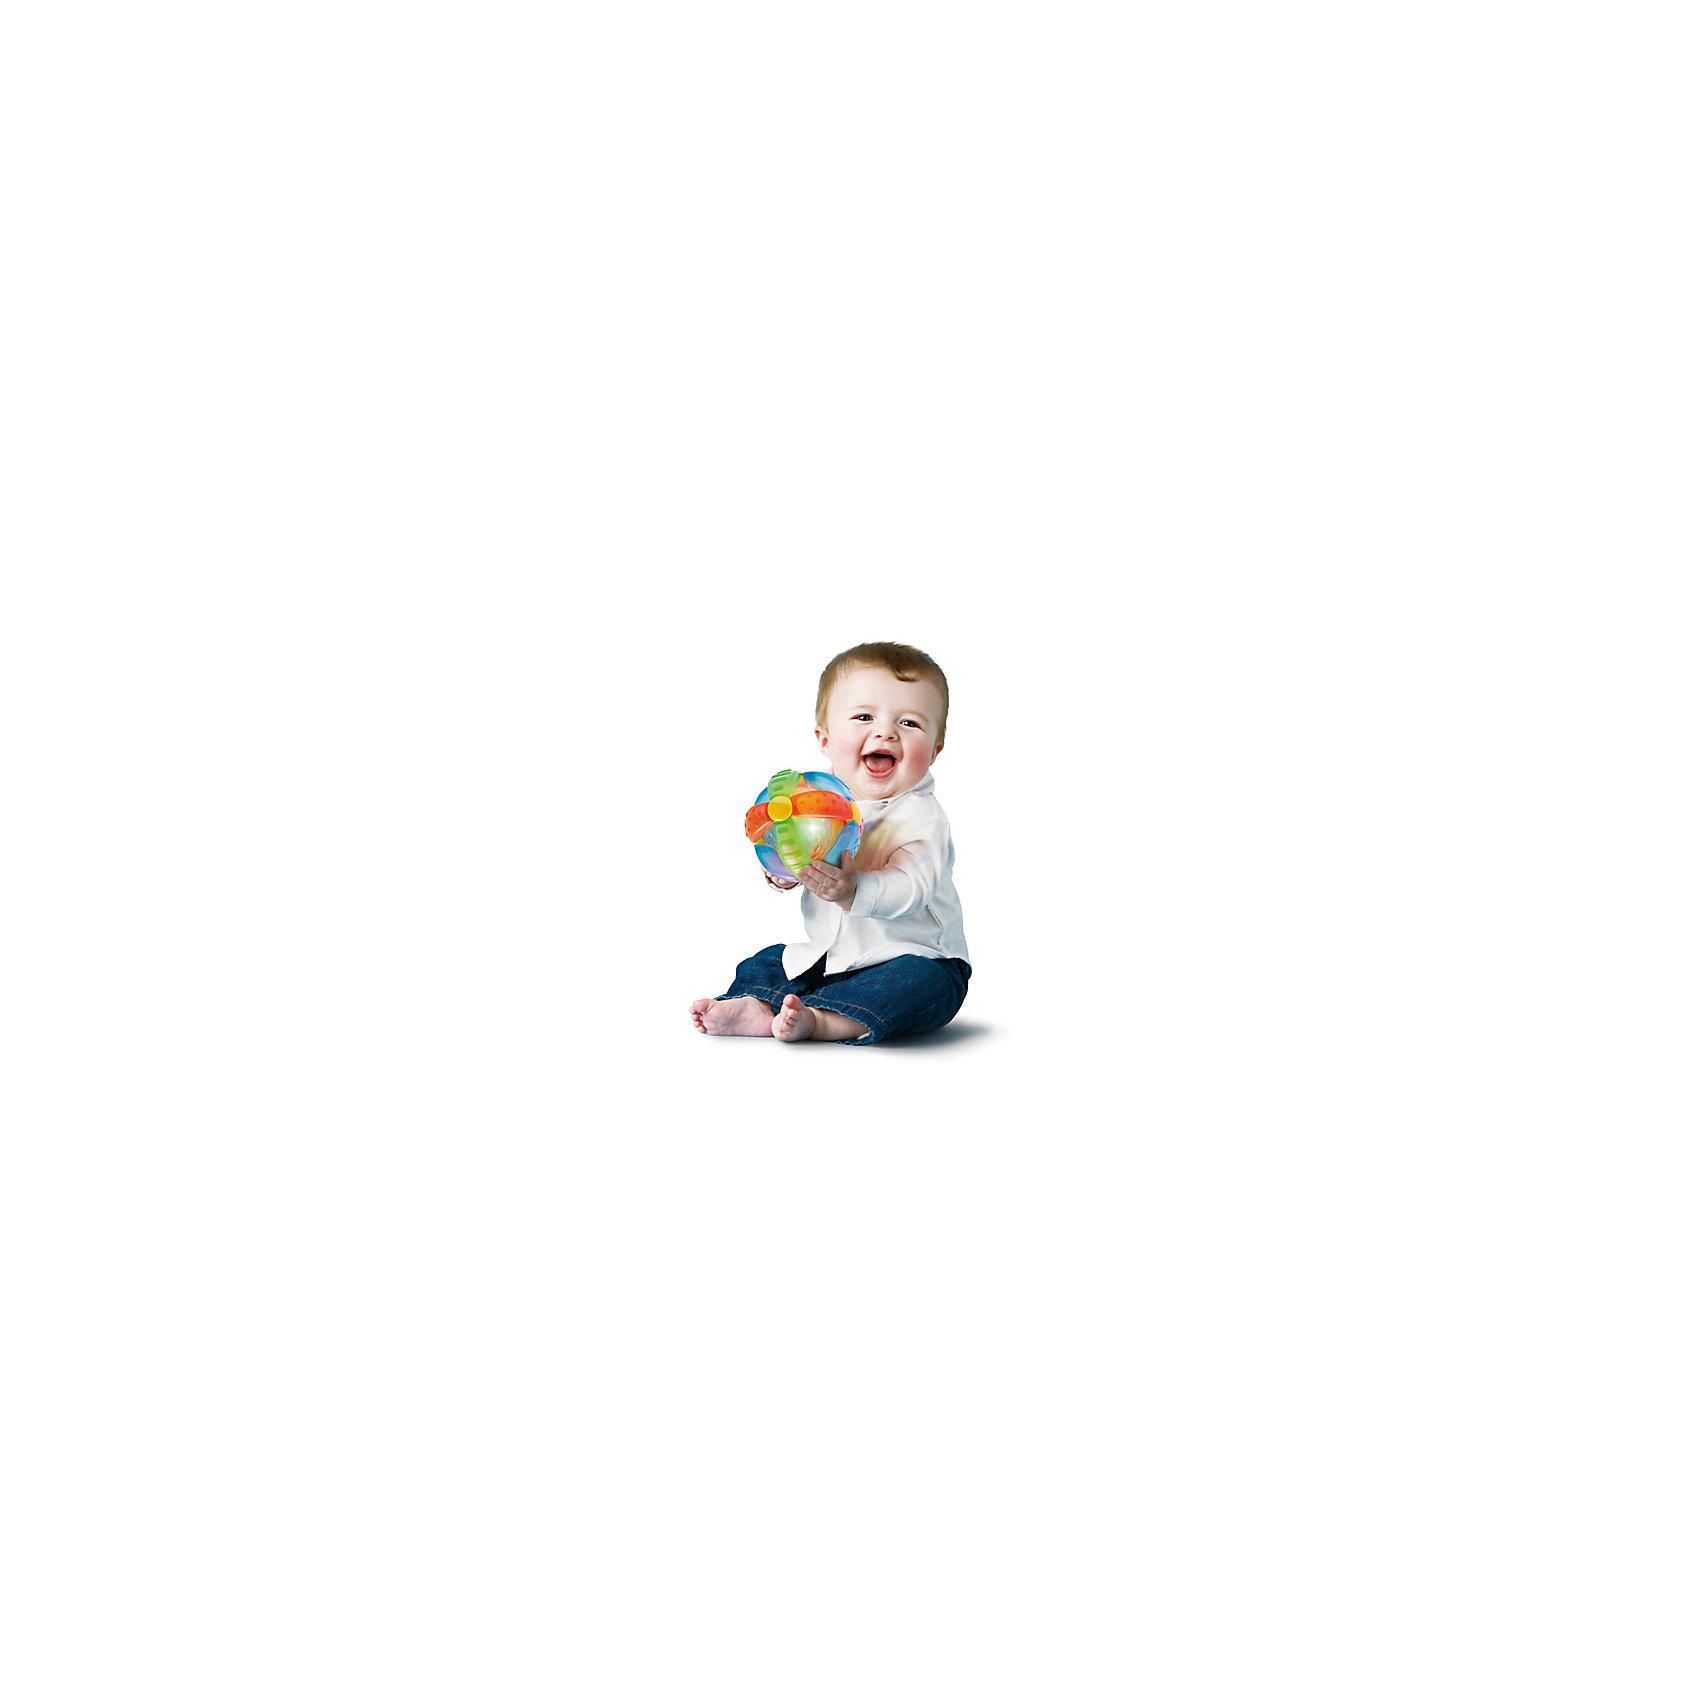 Игрушка  Шар-цветок, BKidsРазвивающие игрушки<br>Игрушка  Шар-цветок, Bkids (Б Кидс) отлично подойдет для самых маленьких детей. Она оснащена световыми и звуковыми эффектами. Потрясите или покатайте шарик - лампочки будут быстро мигать, а музыка заиграет громче. Материалы, использованные при изготовлении игрушки полностью безопасны для ребенка. Подарите крохе увлекательную игрушку и она обязательно развеселит его!<br><br>Дополнительная информация:<br>Размер упаковки: 16,5х6,35х20,3 см<br>Материал: пластик<br>Батарейки: LR44 - 3шт. (входят в комплект)<br><br>Игрушку Шар-цветок, Bkids (Б Кидс) можно приобрести в нашем интернет-магазине.<br><br>Ширина мм: 210<br>Глубина мм: 208<br>Высота мм: 154<br>Вес г: 305<br>Возраст от месяцев: 6<br>Возраст до месяцев: 24<br>Пол: Унисекс<br>Возраст: Детский<br>SKU: 4159340